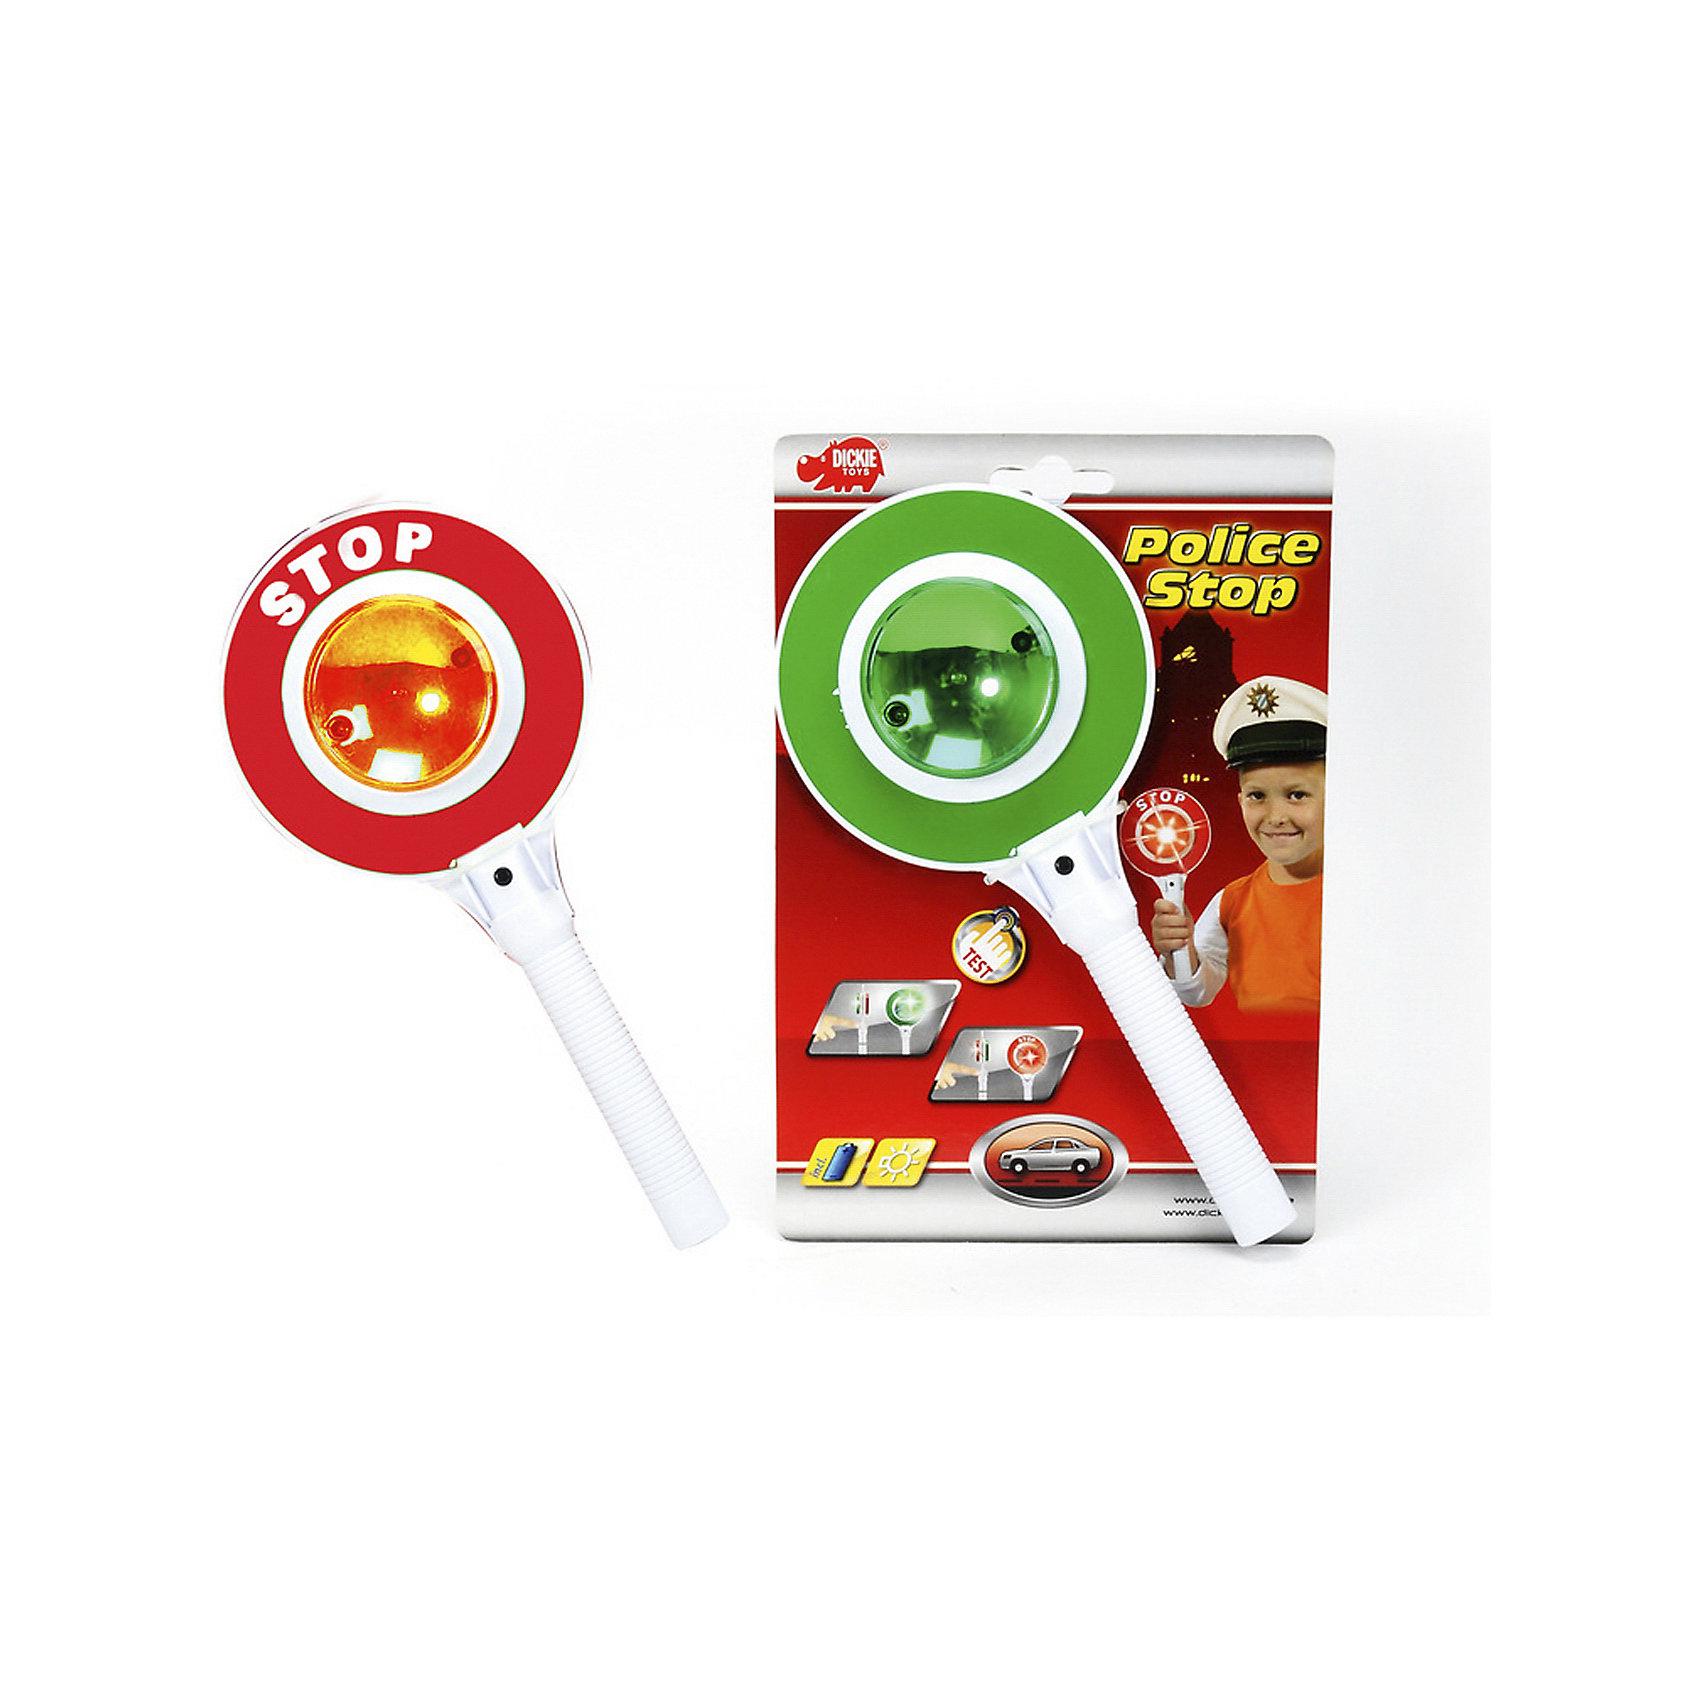 Сигнал регулировщика со светом, 25 см, Dickie ToysСюжетно-ролевые игры<br>Электронный сигнал регулировщика поможет ребенку выучить наизусть сигналы: красный – стой, зеленый – иди. Для активации световых эффектов предусмотрена кнопка, которая находится на ручке под табло. В игровой форме обучение проходит быстро и интересно. Размер сигнала регулировщика: 25 см.<br><br>Сигнал регулировщика со светом, 25 см, Dickie Toys можно купить в нашем магазине.<br><br>Ширина мм: 420<br>Глубина мм: 140<br>Высота мм: 235<br>Вес г: 600<br>Возраст от месяцев: 36<br>Возраст до месяцев: 96<br>Пол: Мужской<br>Возраст: Детский<br>SKU: 5295523